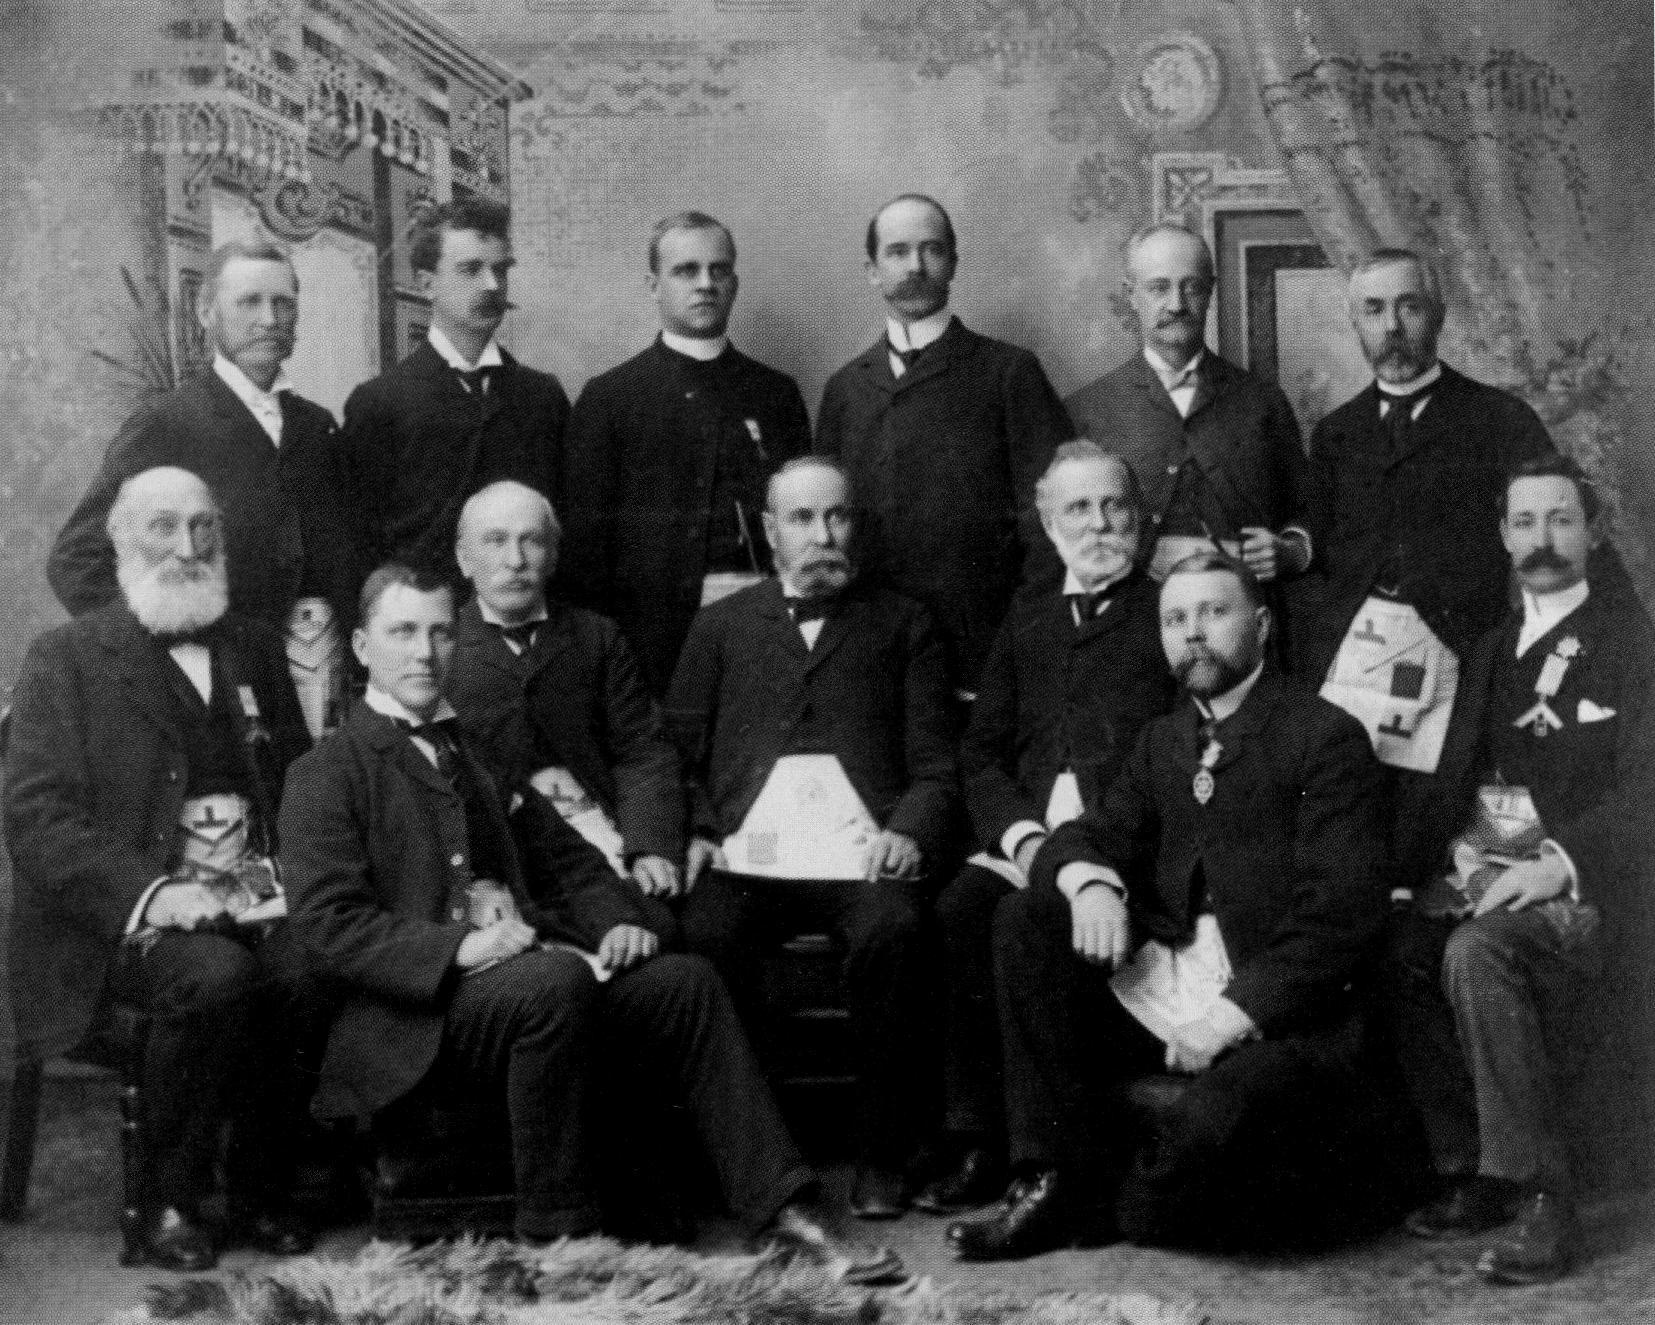 Masons 1881